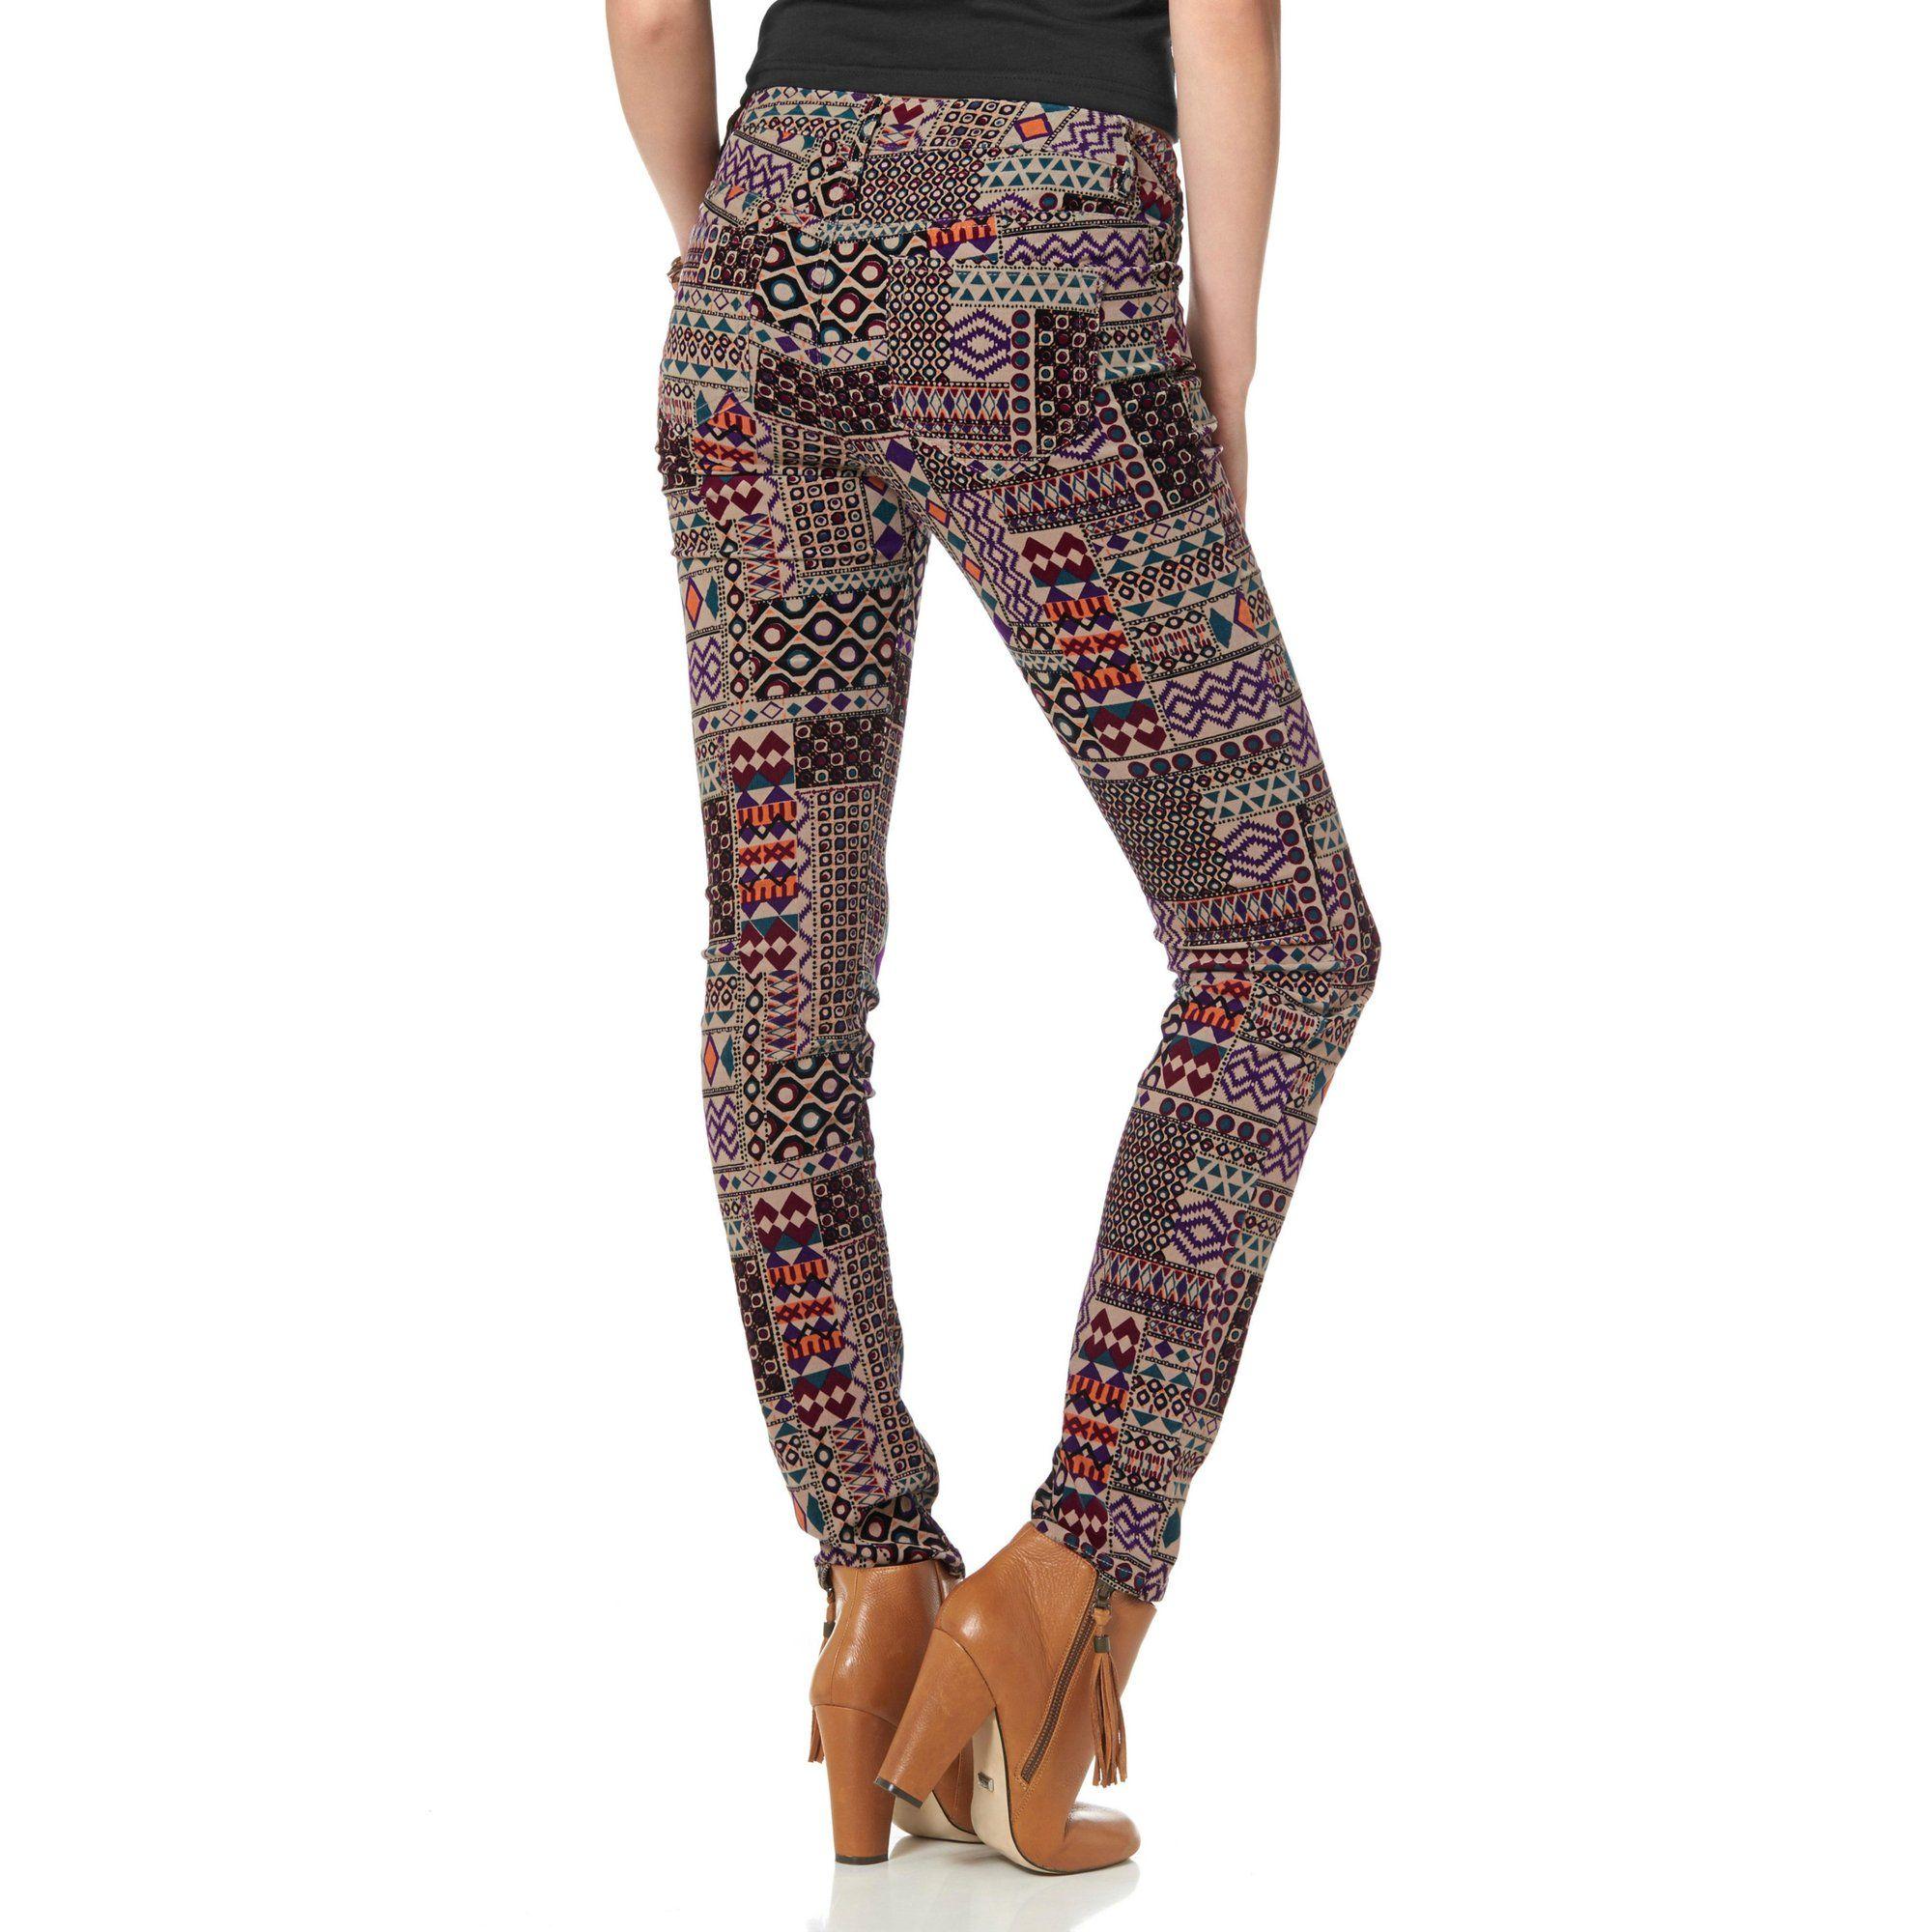 86dc8bc0eaa32 35€ Pantalon slim en velours côtelé stretch imprimé ethnique femme AJC -  3Suisses